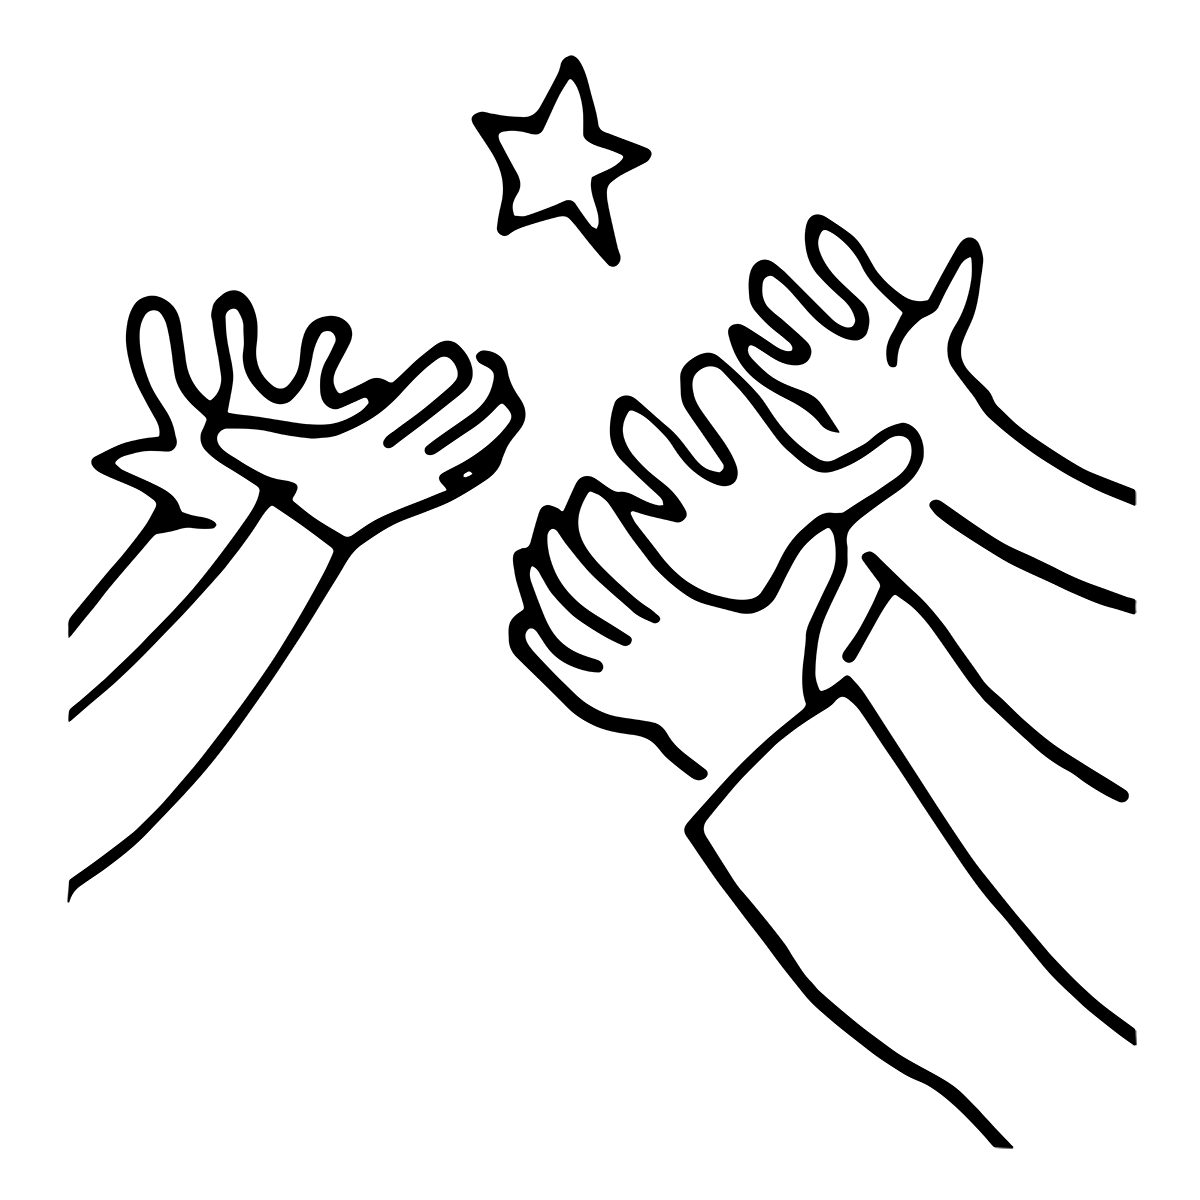 Illustrasjon: Hender under en stjerne